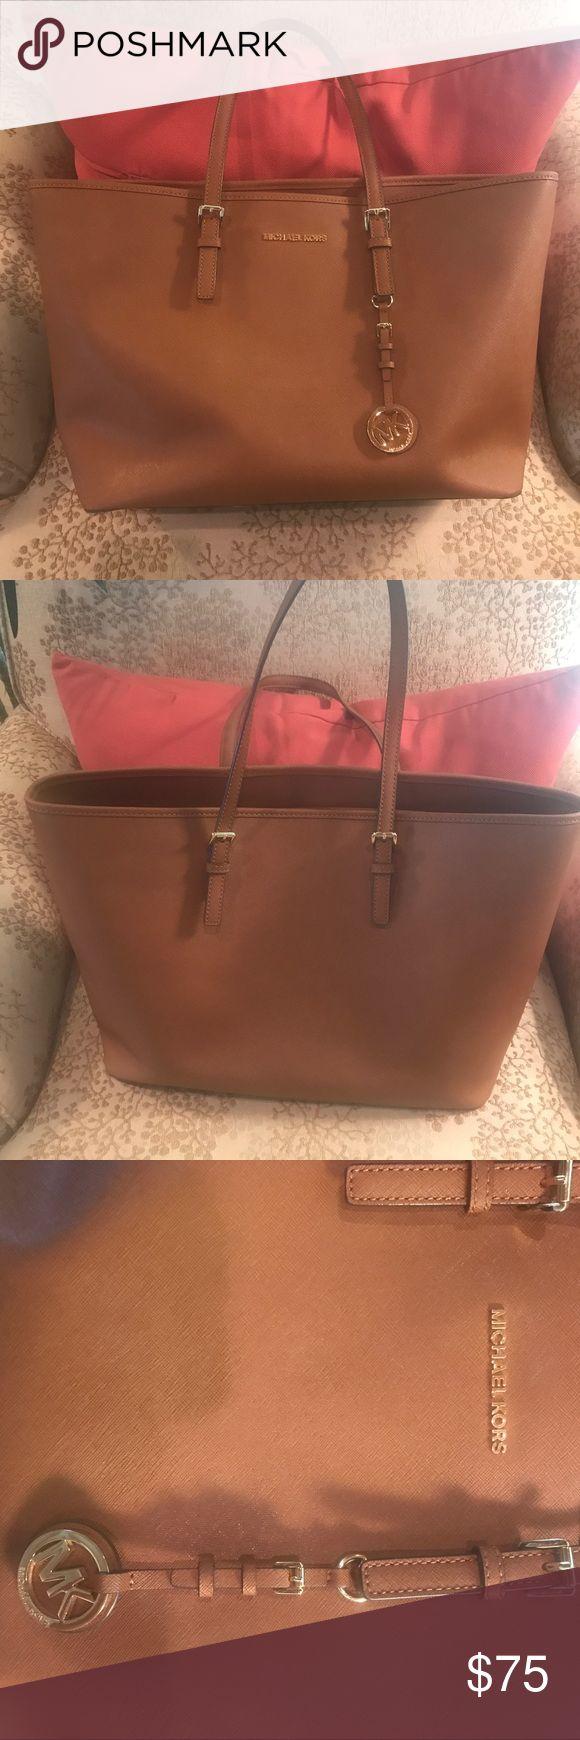 Michael Kors Jet Set Tote w/ original bag Brown Michael Kors Jet Set Large Leather Tote Bag with original bag Bags Totes